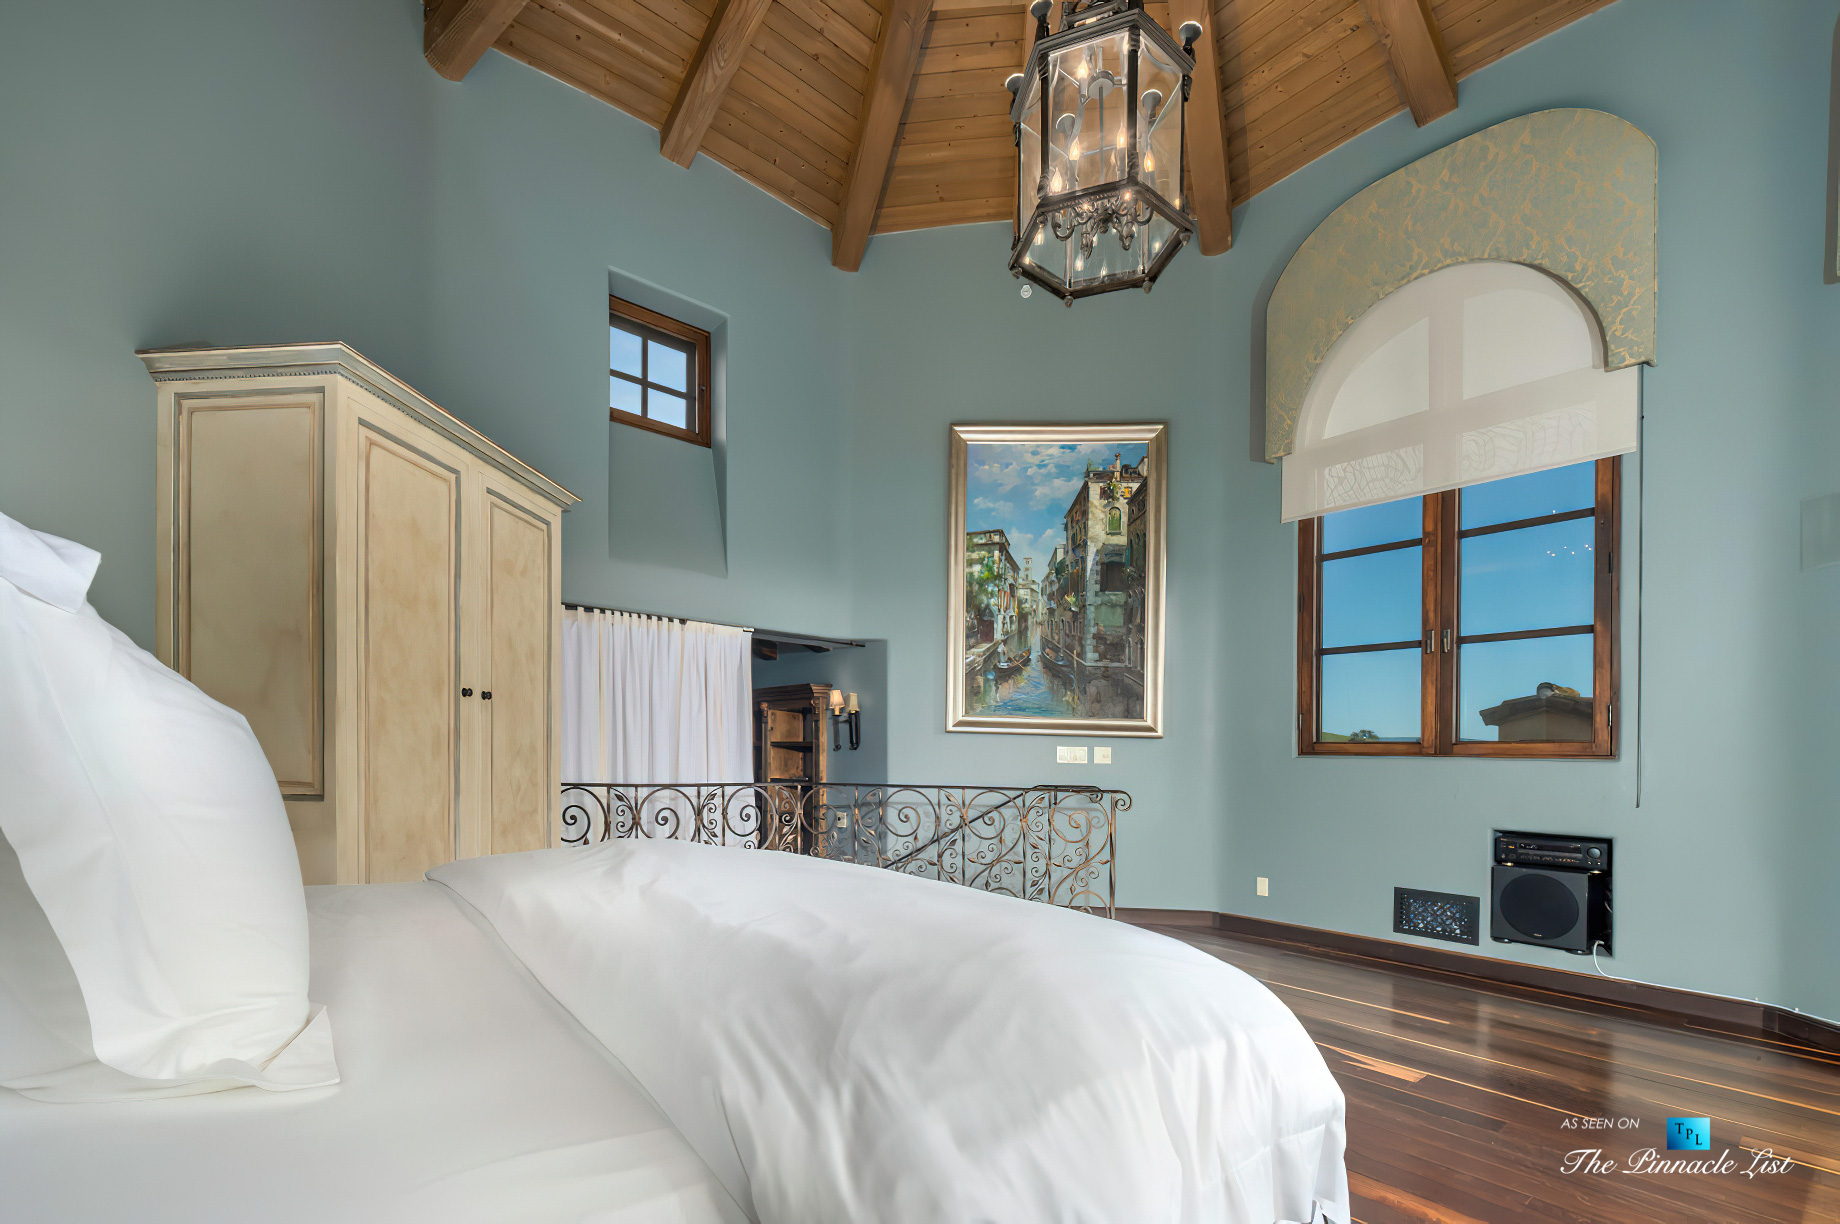 2667 Via De Los Ranchos, Los Olivos, CA, USA – Bedroom